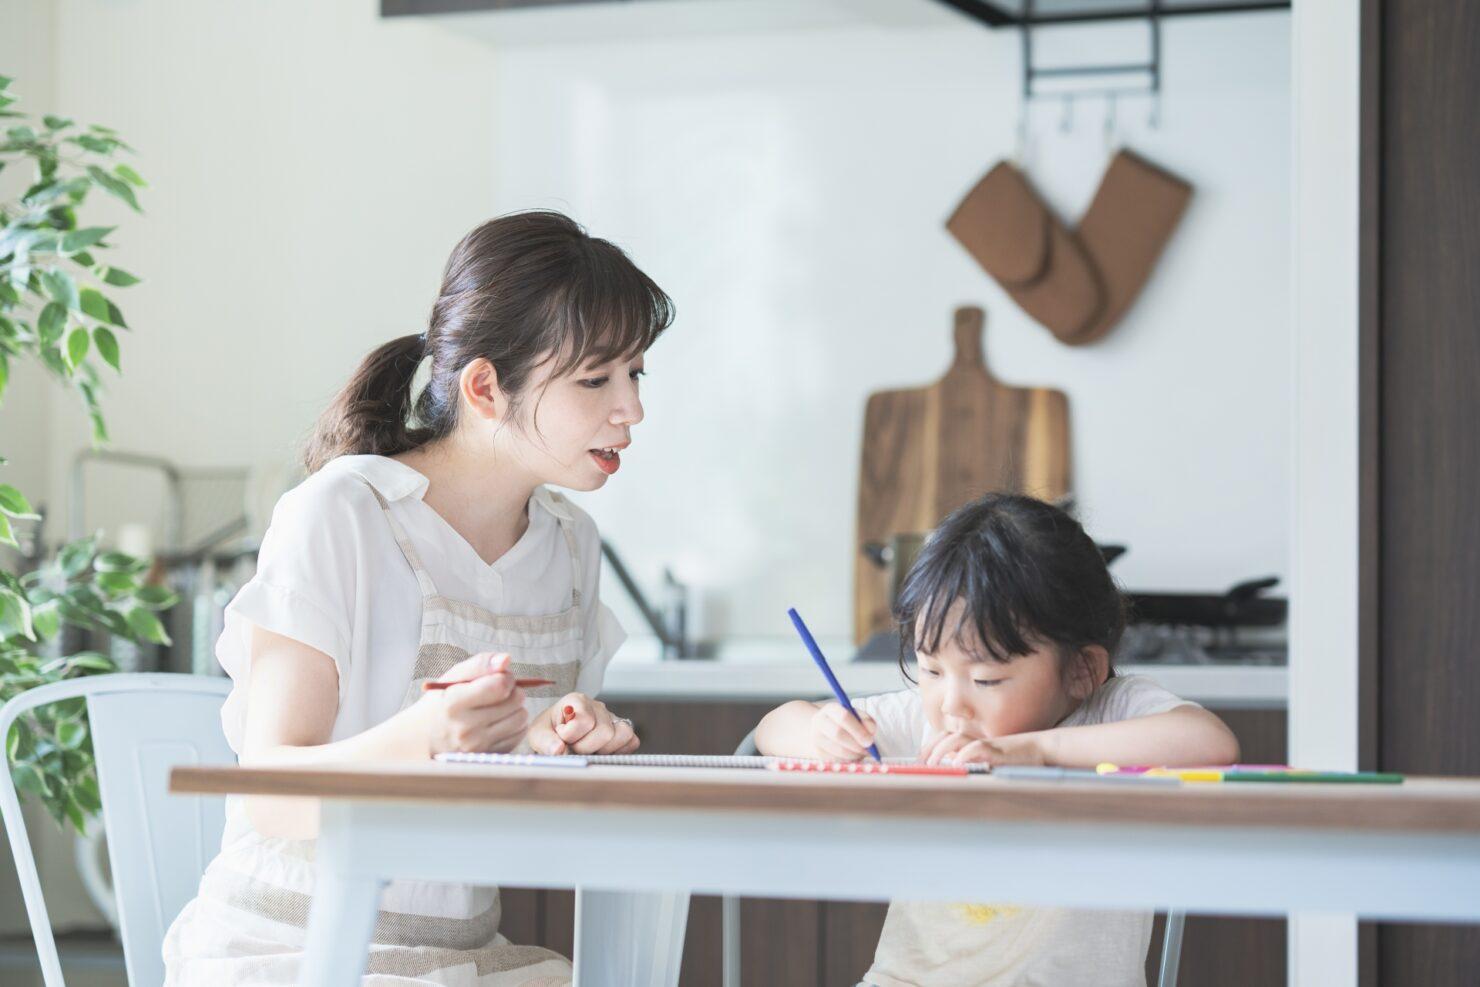 ママからの人気が高い! 家庭での幼児教育におすすめの通信教材